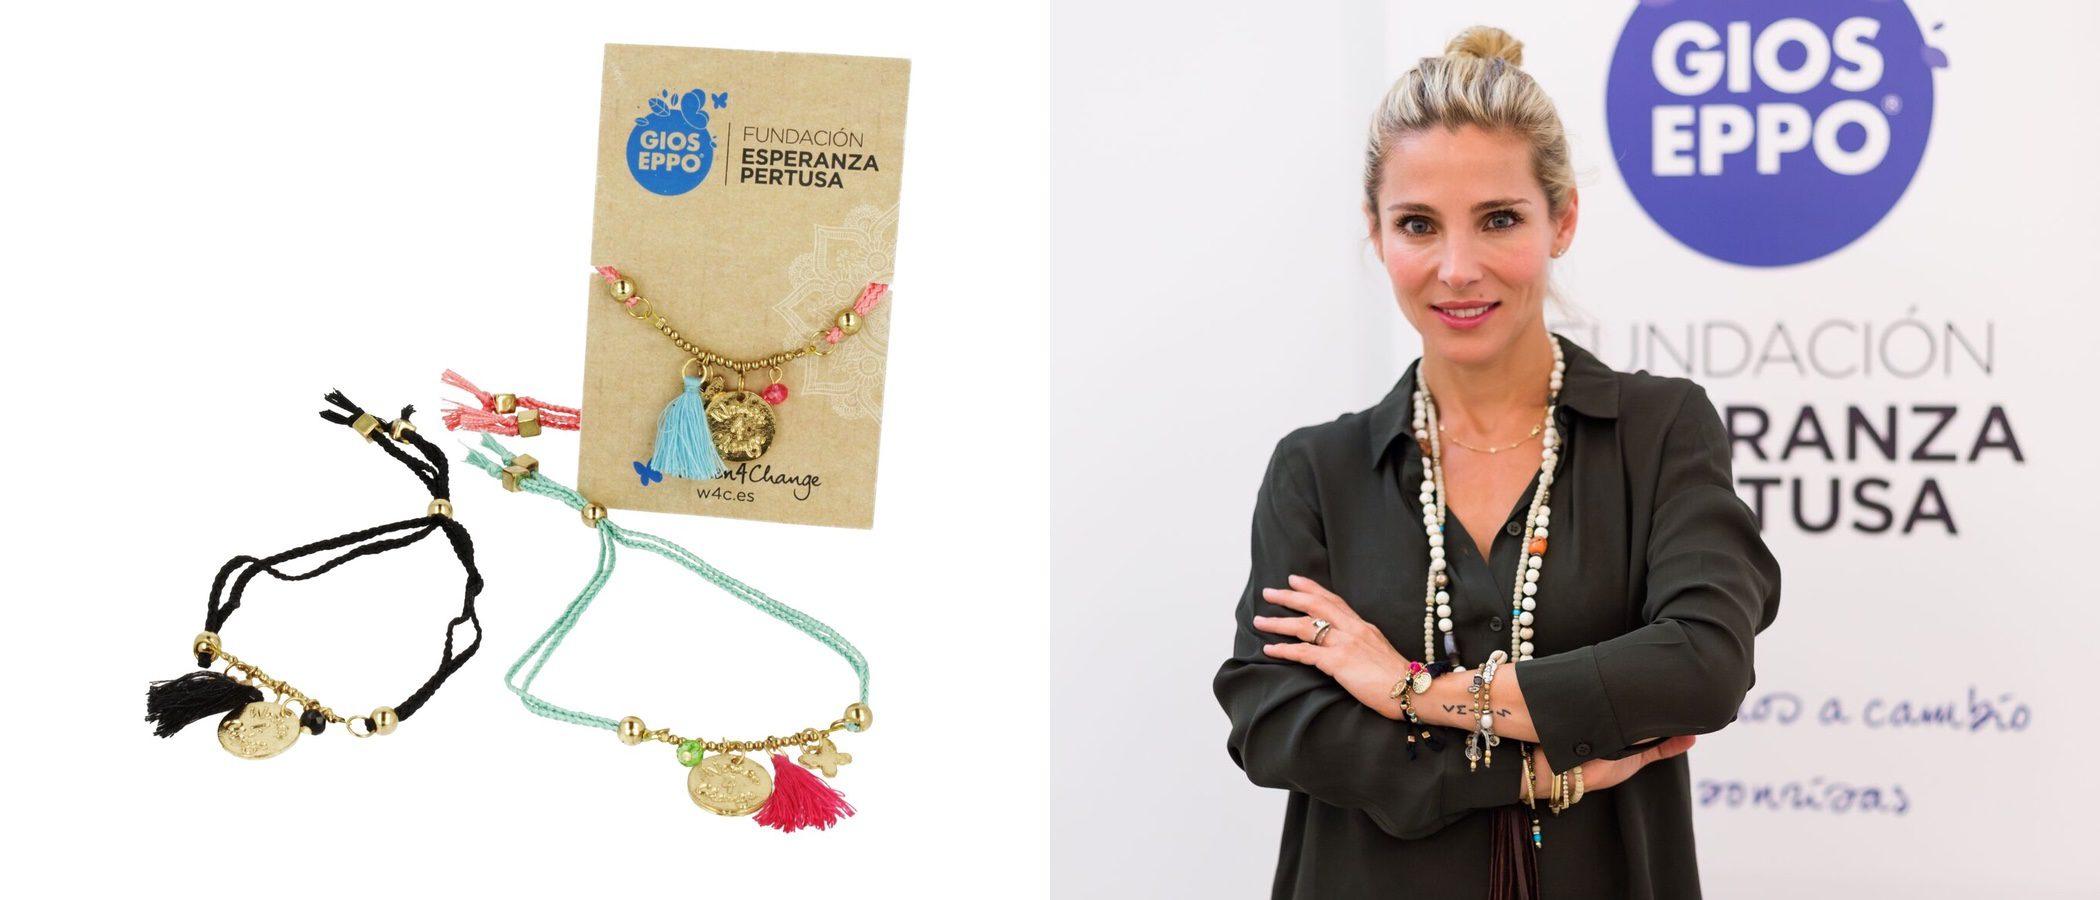 Gioseppo y Elsa Pataky presentan una pulsera para ayudar a las mujeres sirias refugiadas